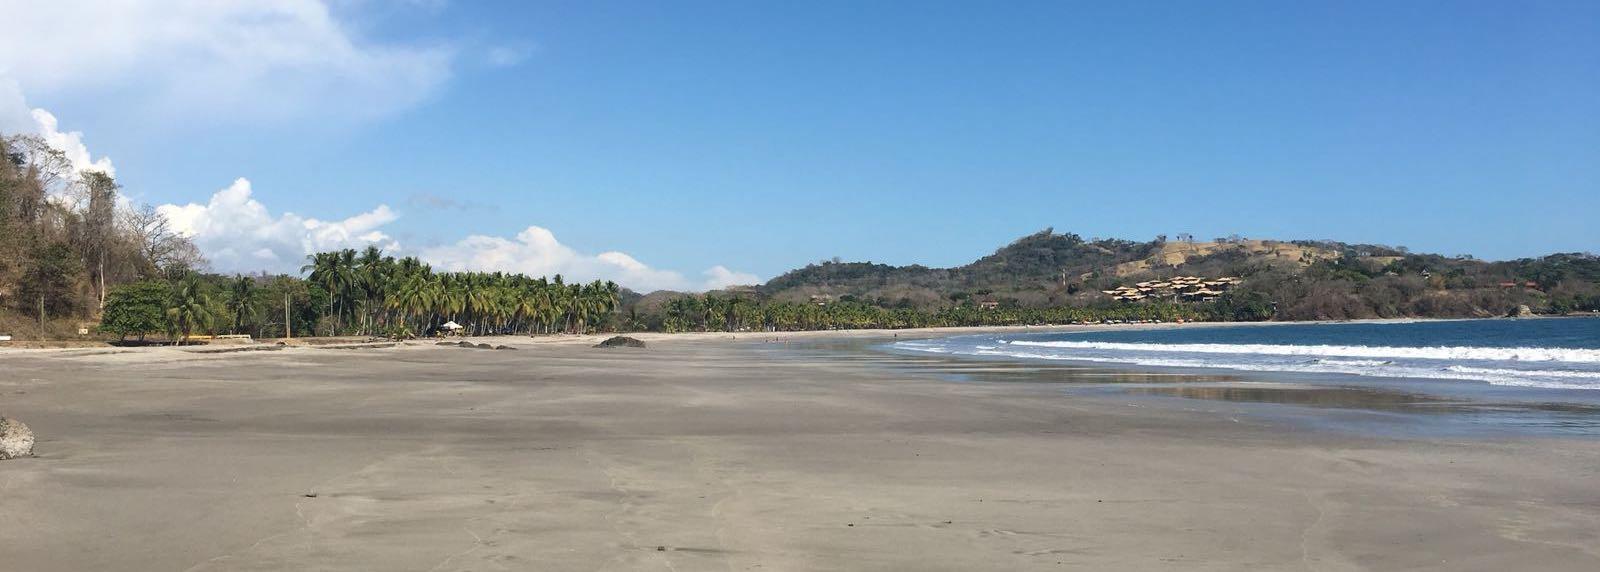 Costa Rica ABC einer Austauschschülerin